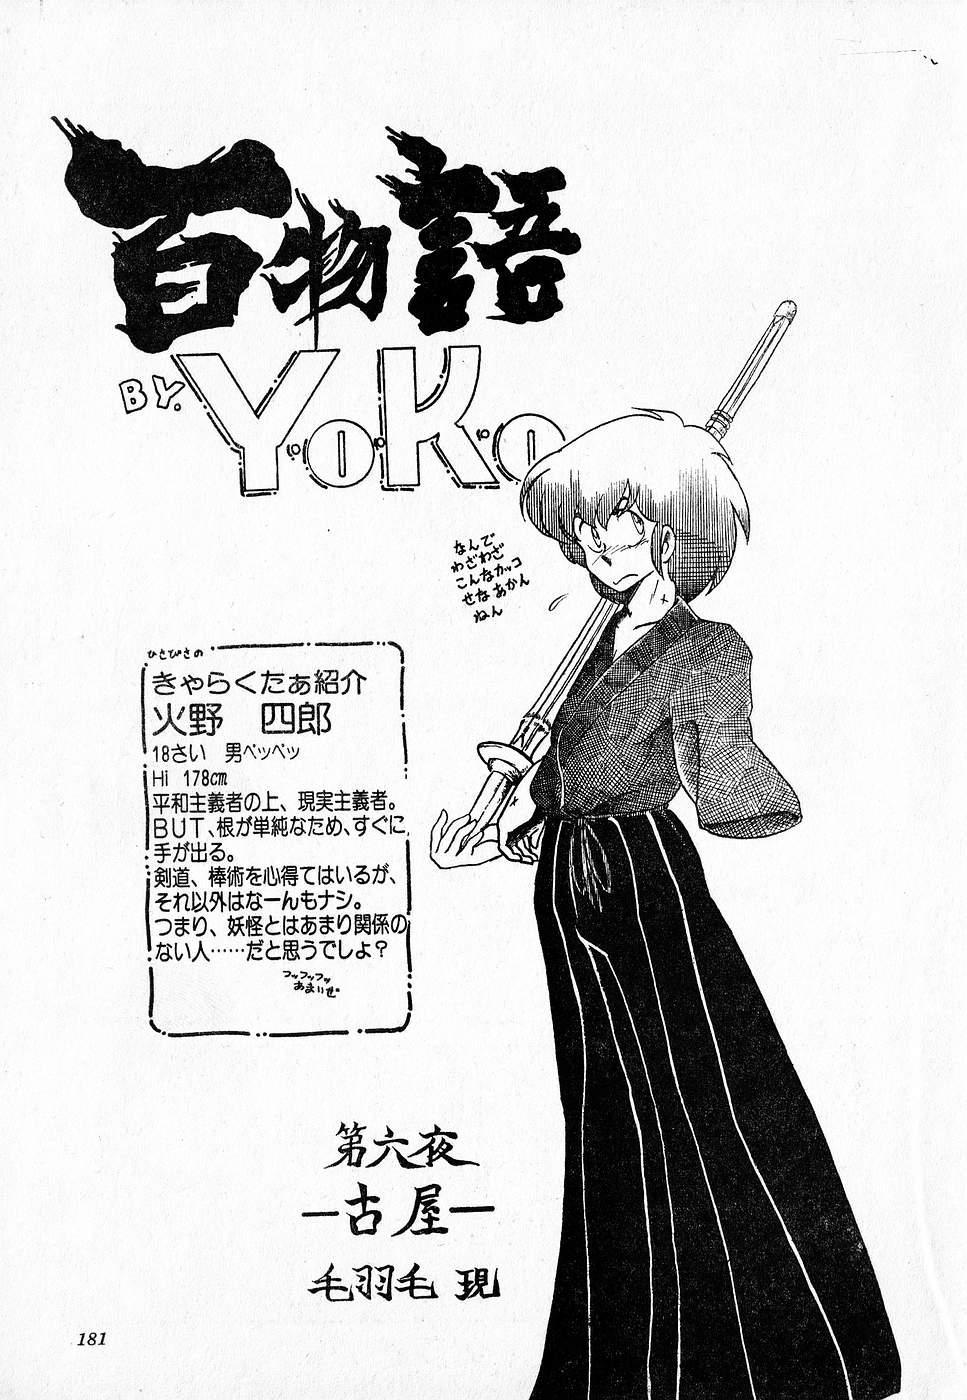 COMIC Lolipop 1985-10 Soukanjunbigou Aki 180